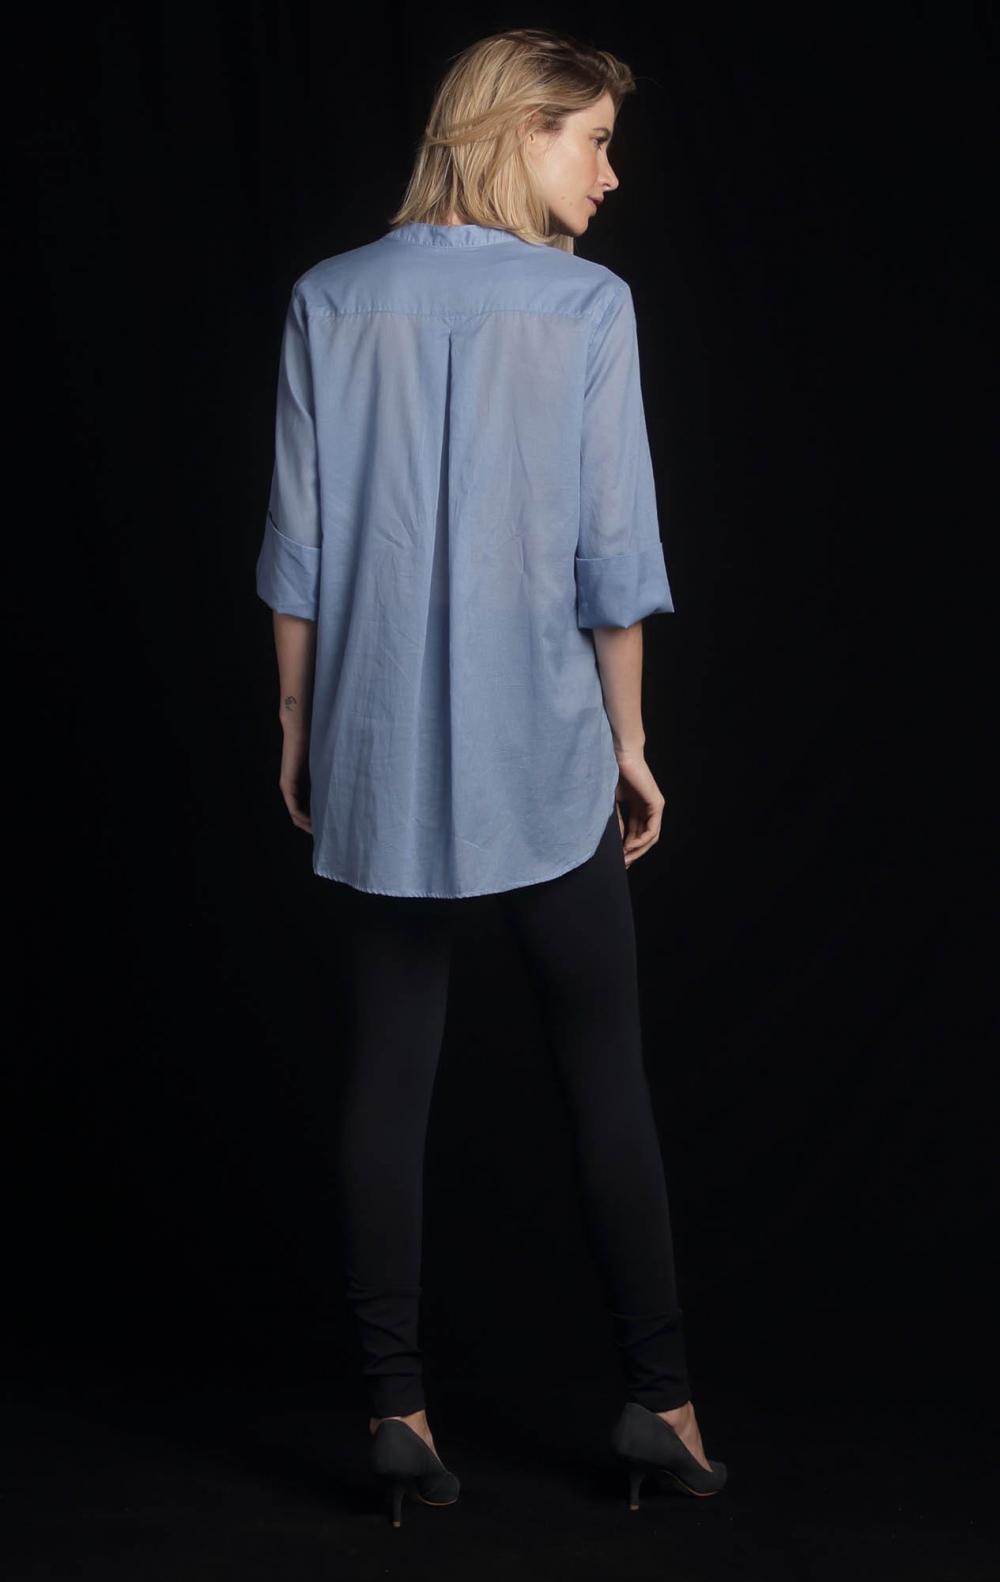 Camisa Algodão Patmos Washed  - Foto 2